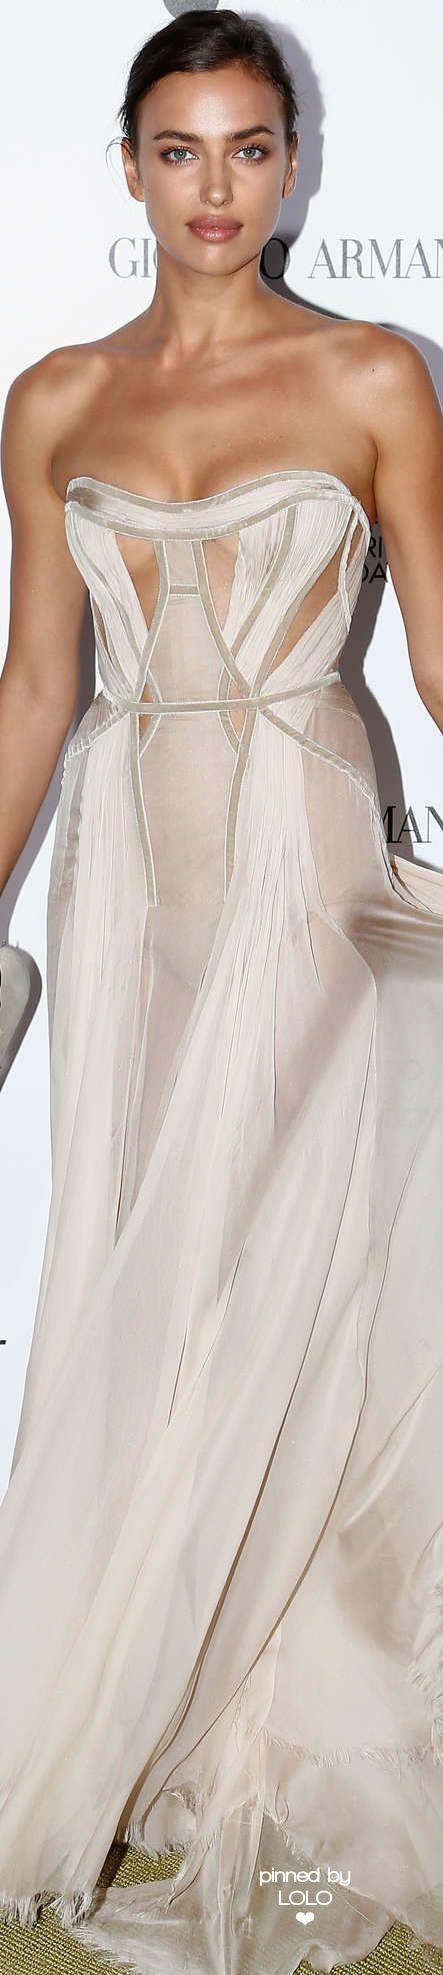 Irina Shayk Leonardo DiCaprio Charity Gala | LOLO❤︎